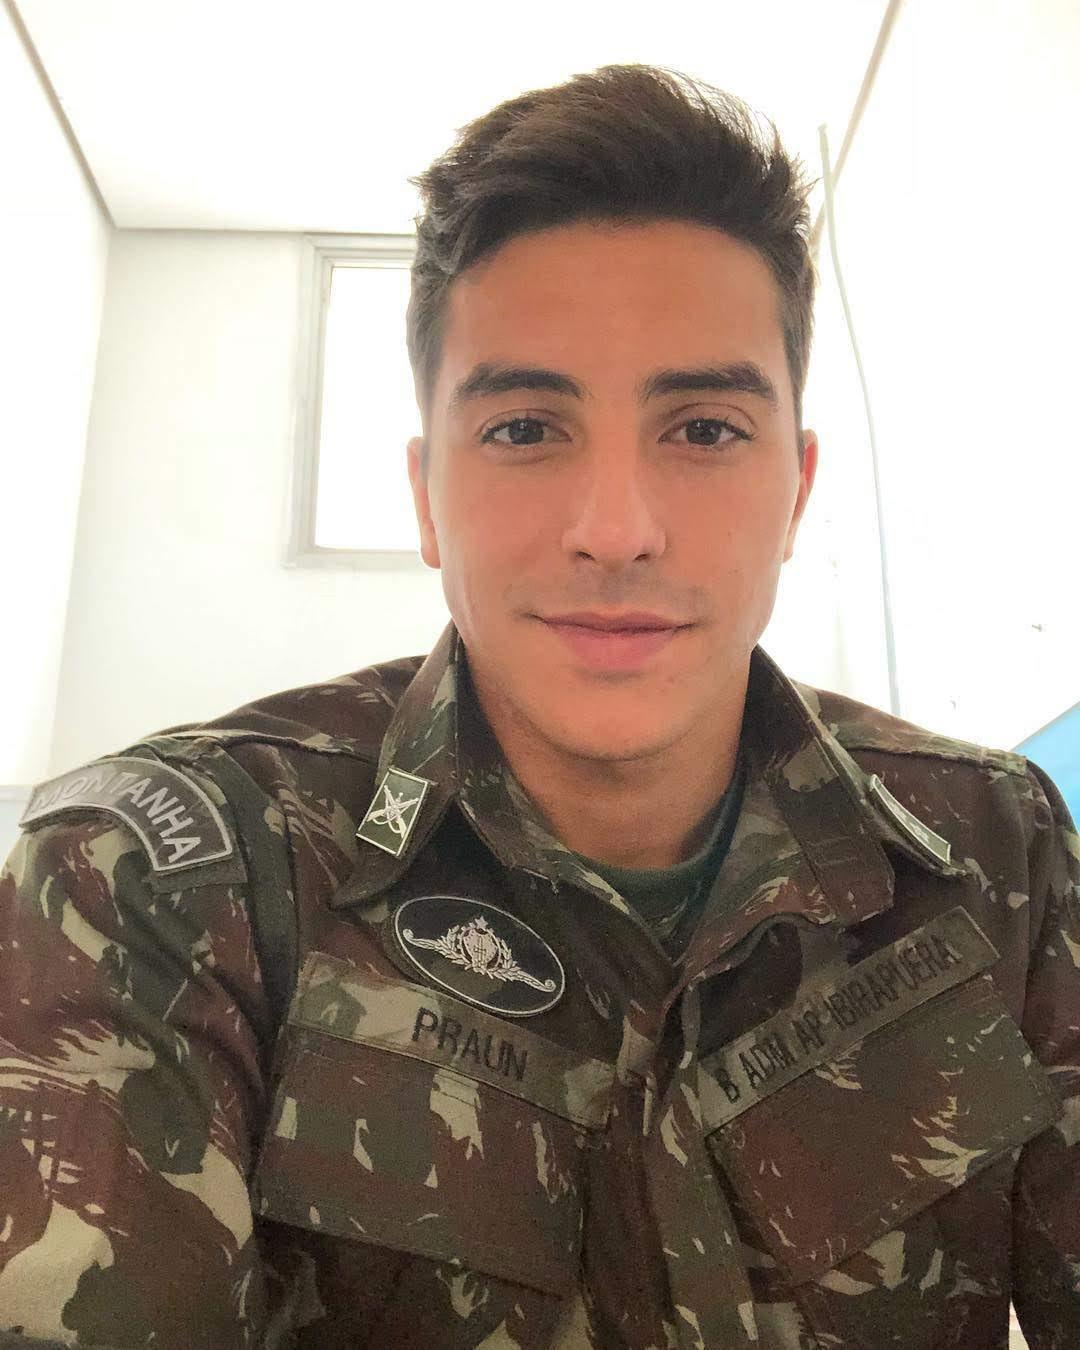 Além de modelo, Lucas Mantellat é 1º tenente do Exército e piloto privado de avião. Foto: Arquivo pessoal